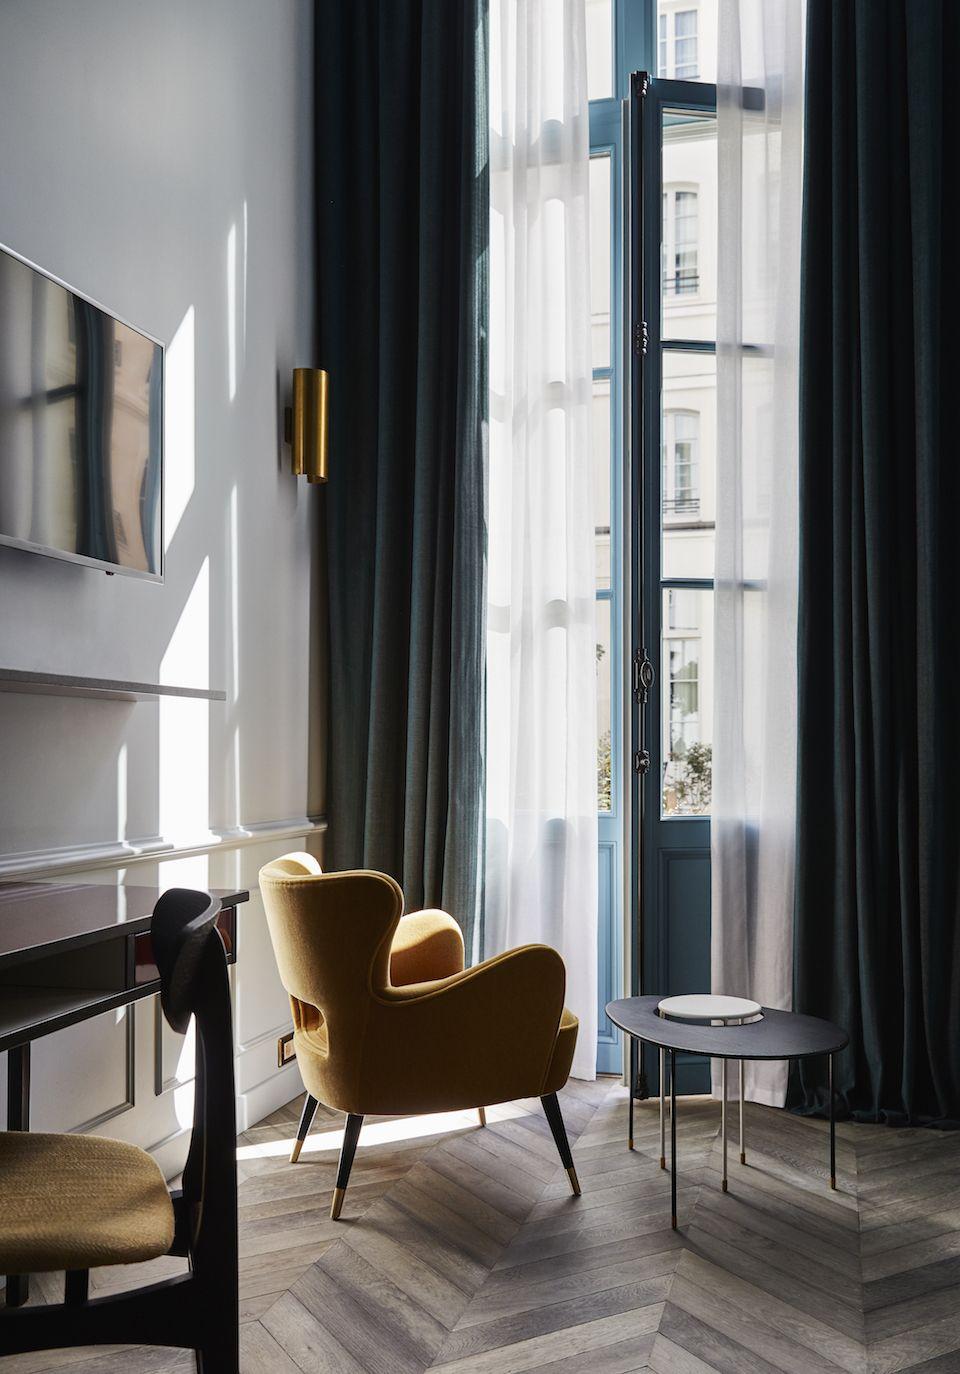 L'hôtel The Hoxton | Décoration intérieure, Déco maison et